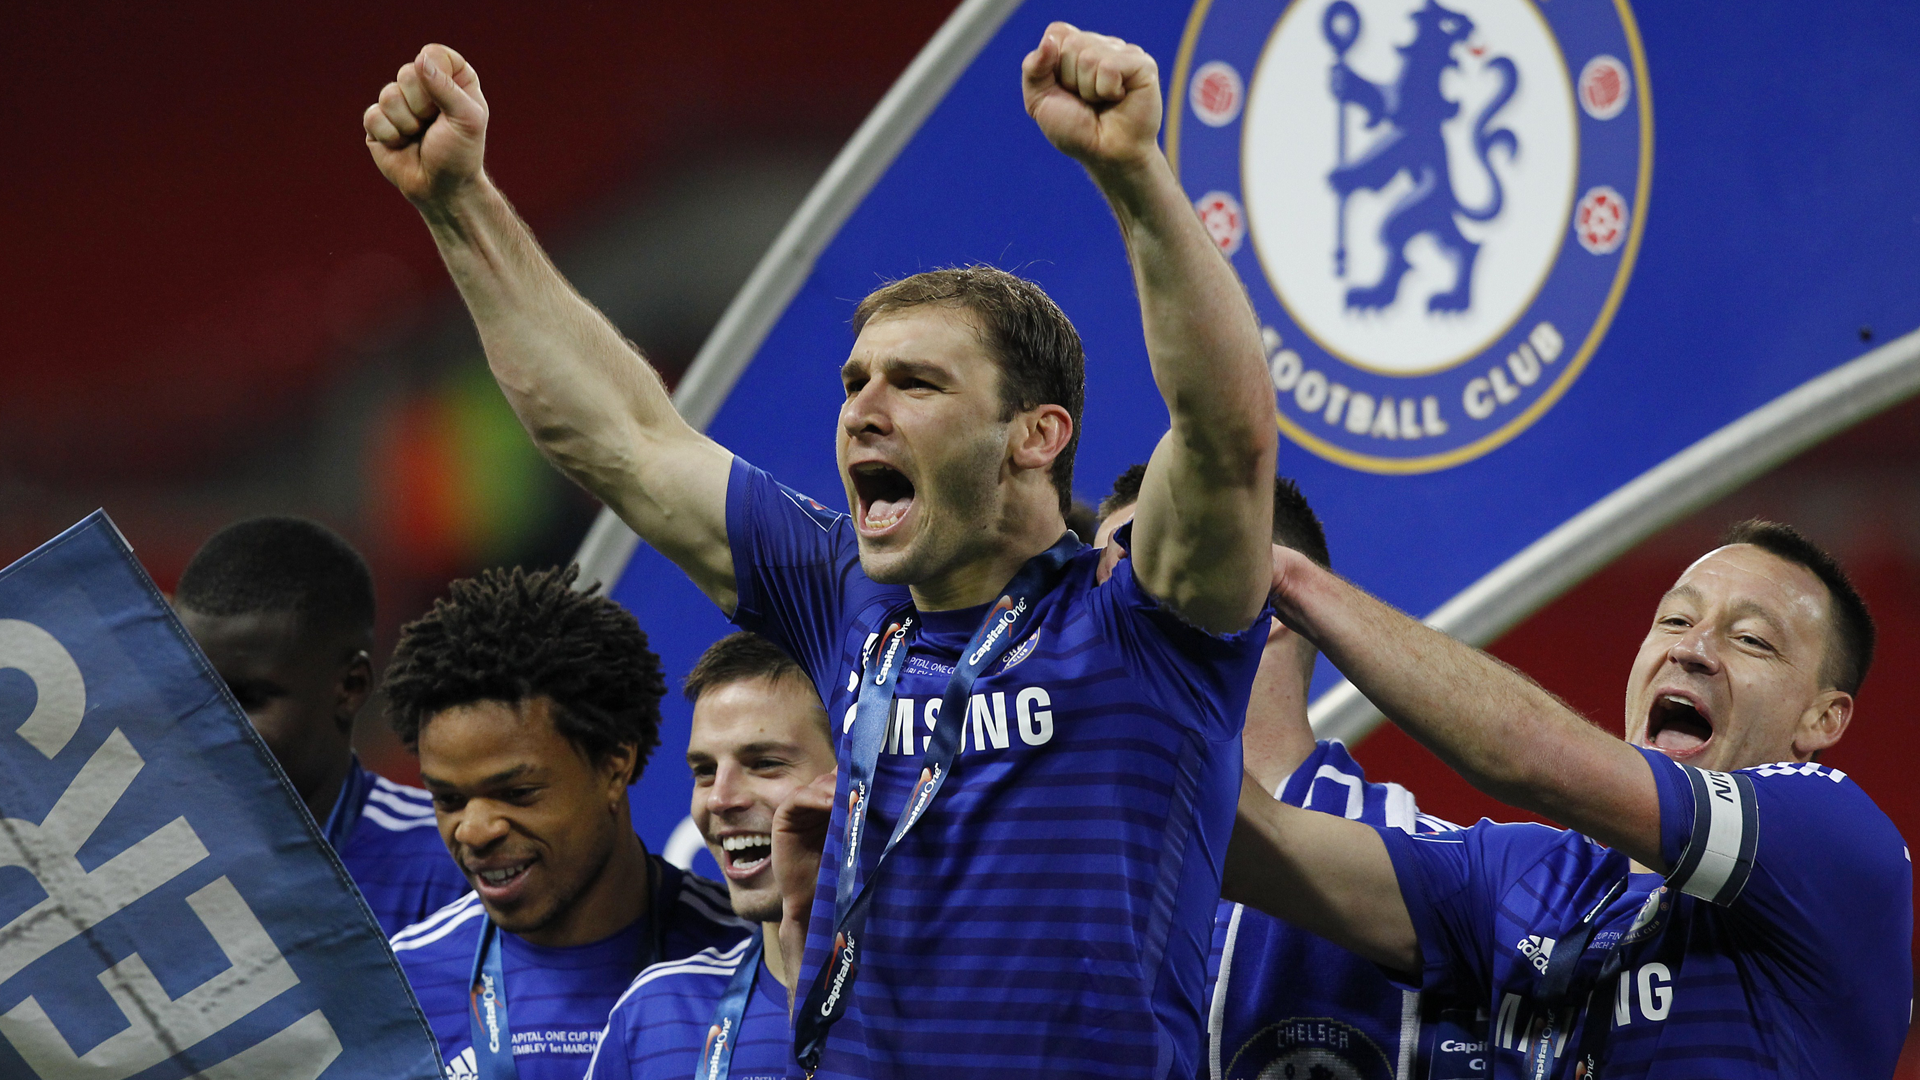 Chelsea news Branislav Ivanovic could start despite uncertain